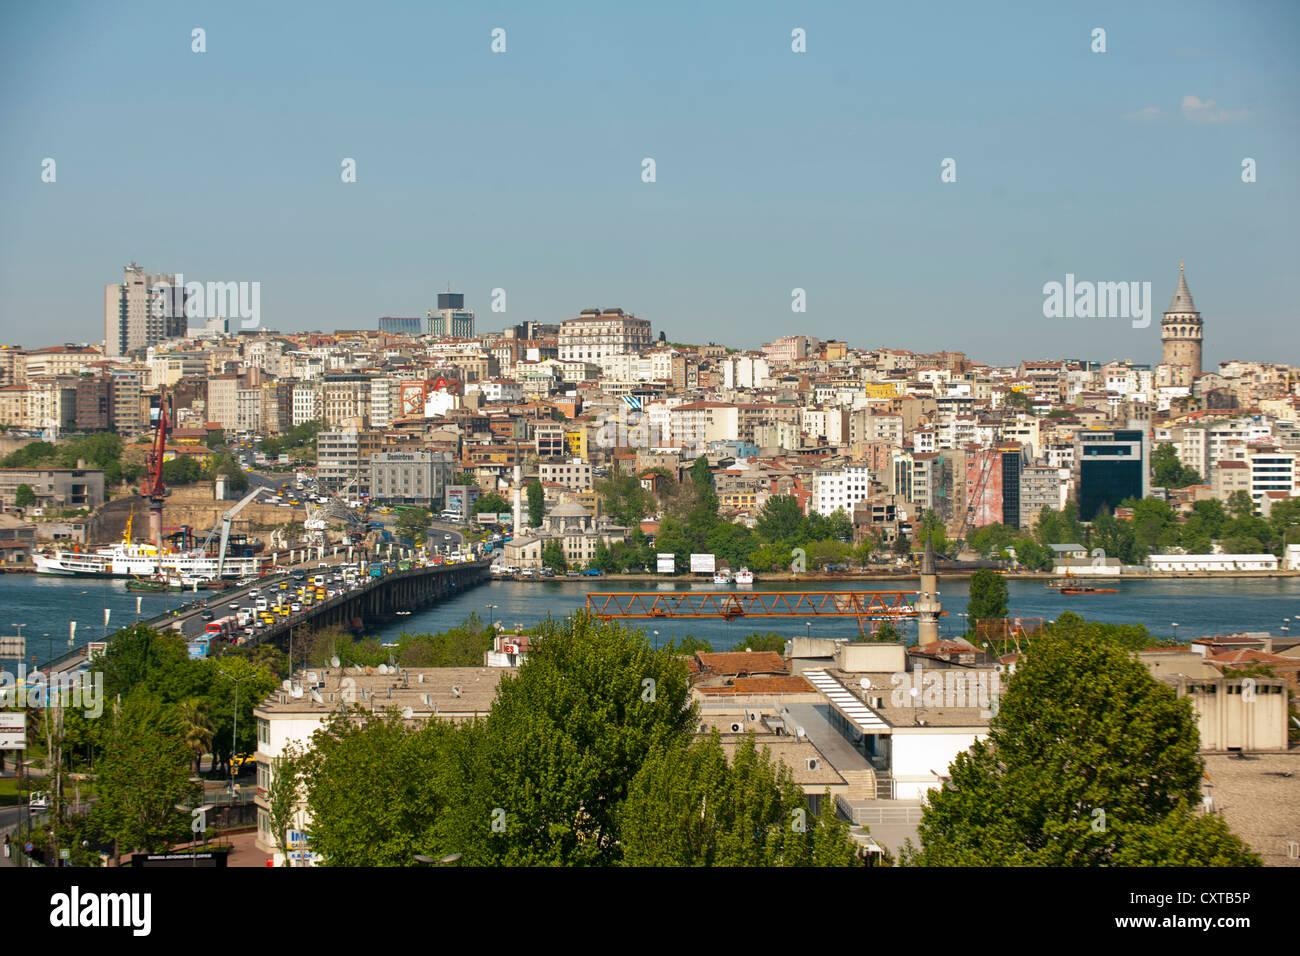 Türkei, Istanbul, Blick von Unkapani uber das Goldene Horn mit der Atatürk Brücke (Unkapani Brücke) - Stock Image